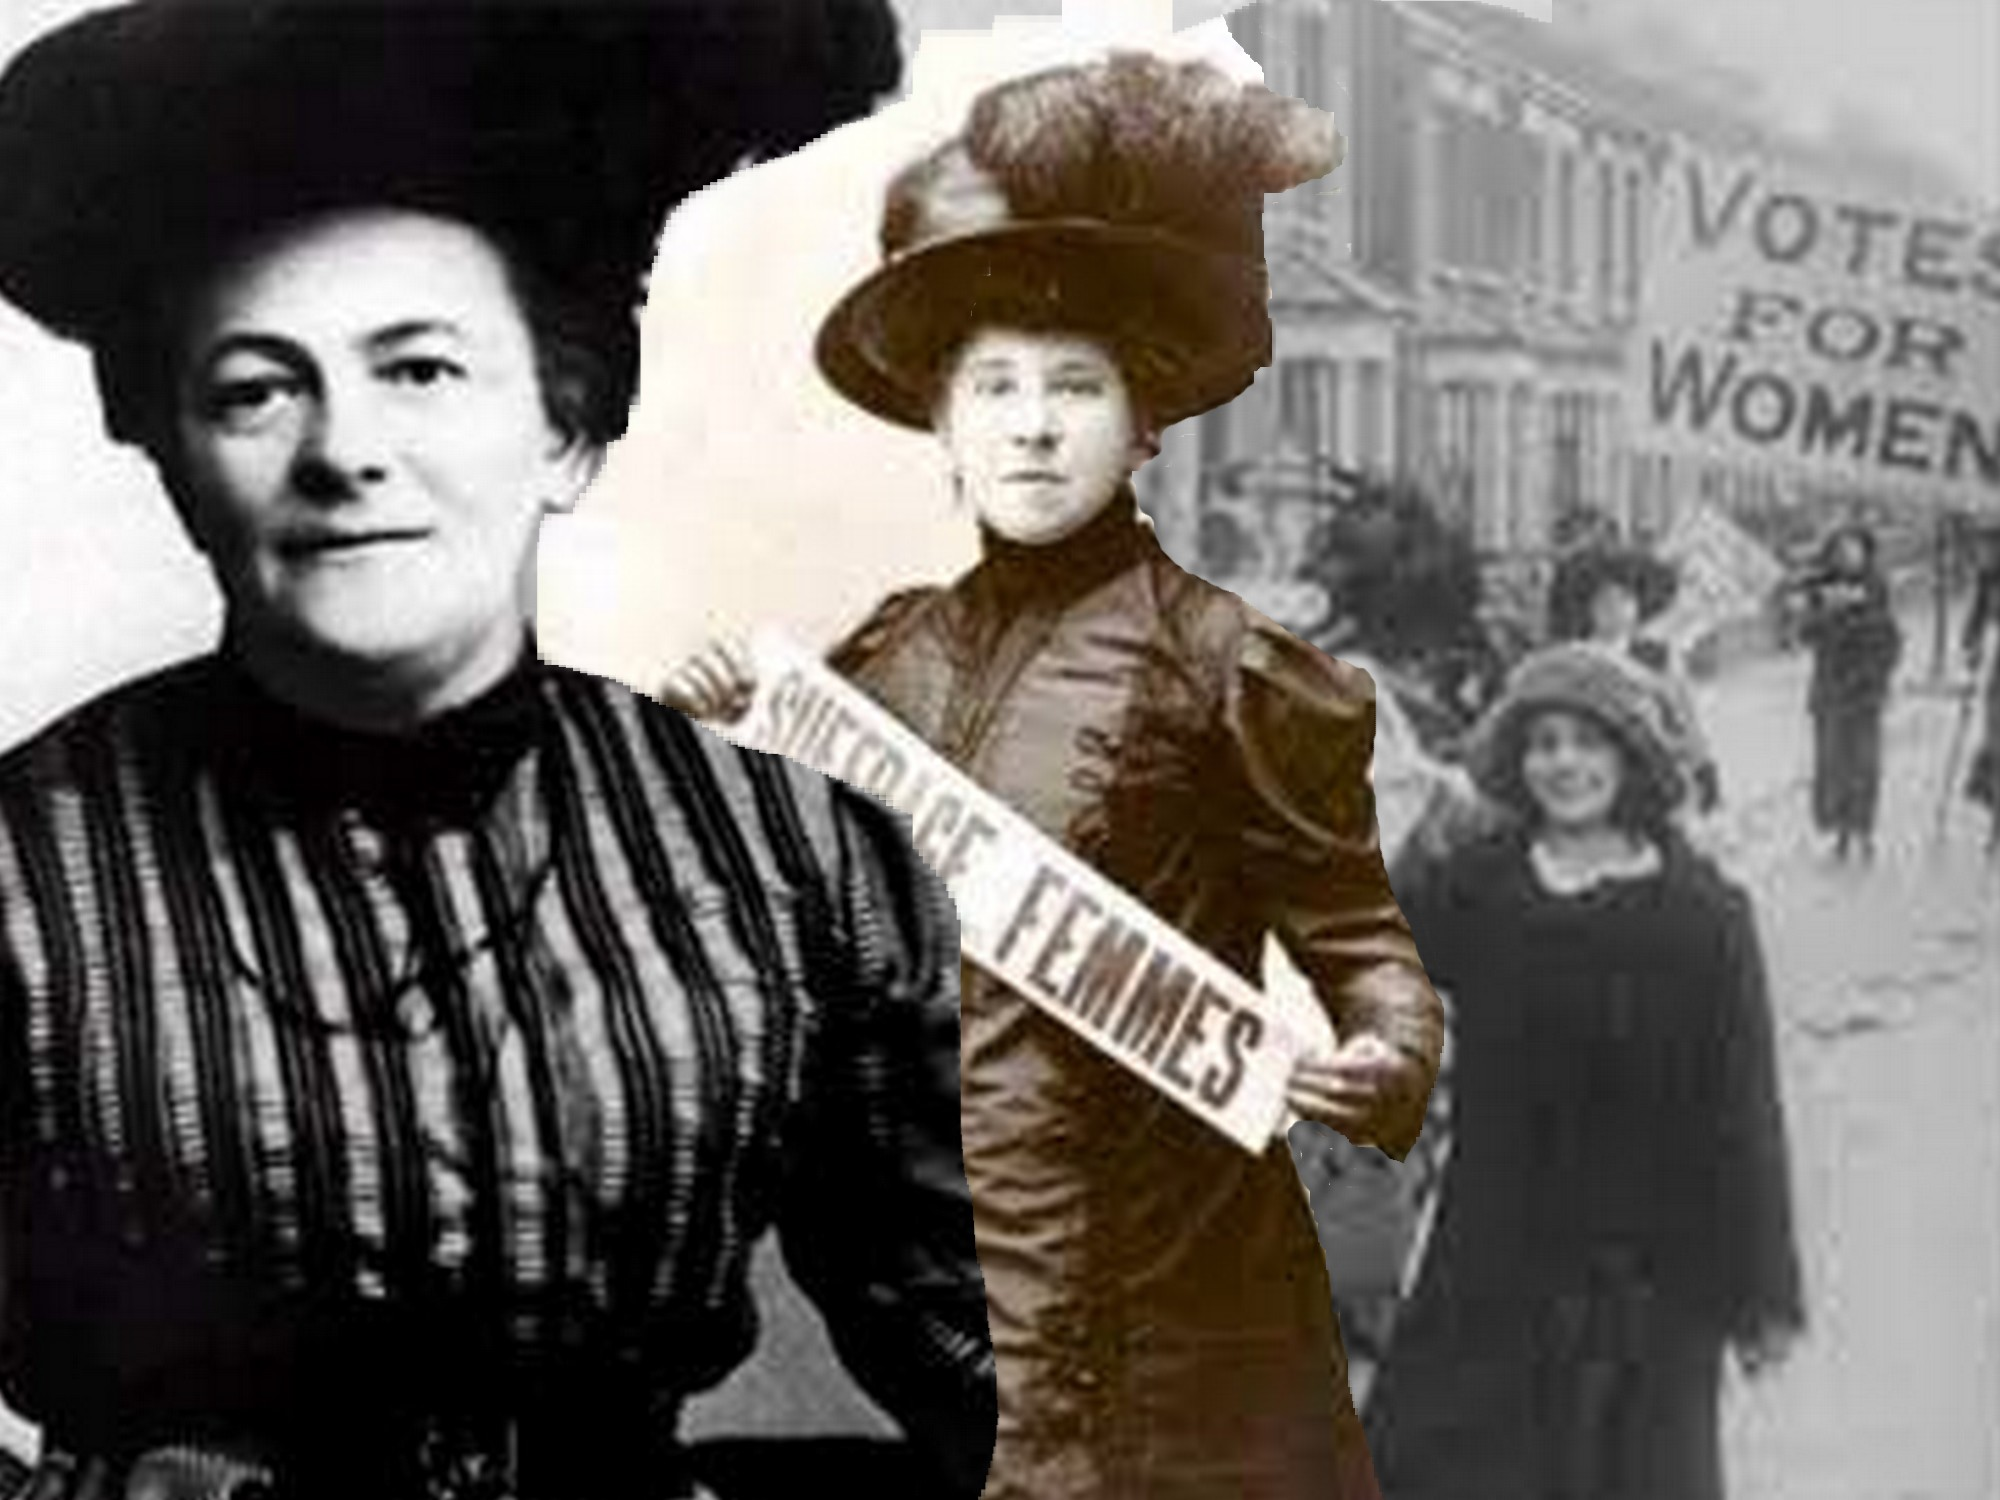 Droits des femmes: une journée pour un combat permanent